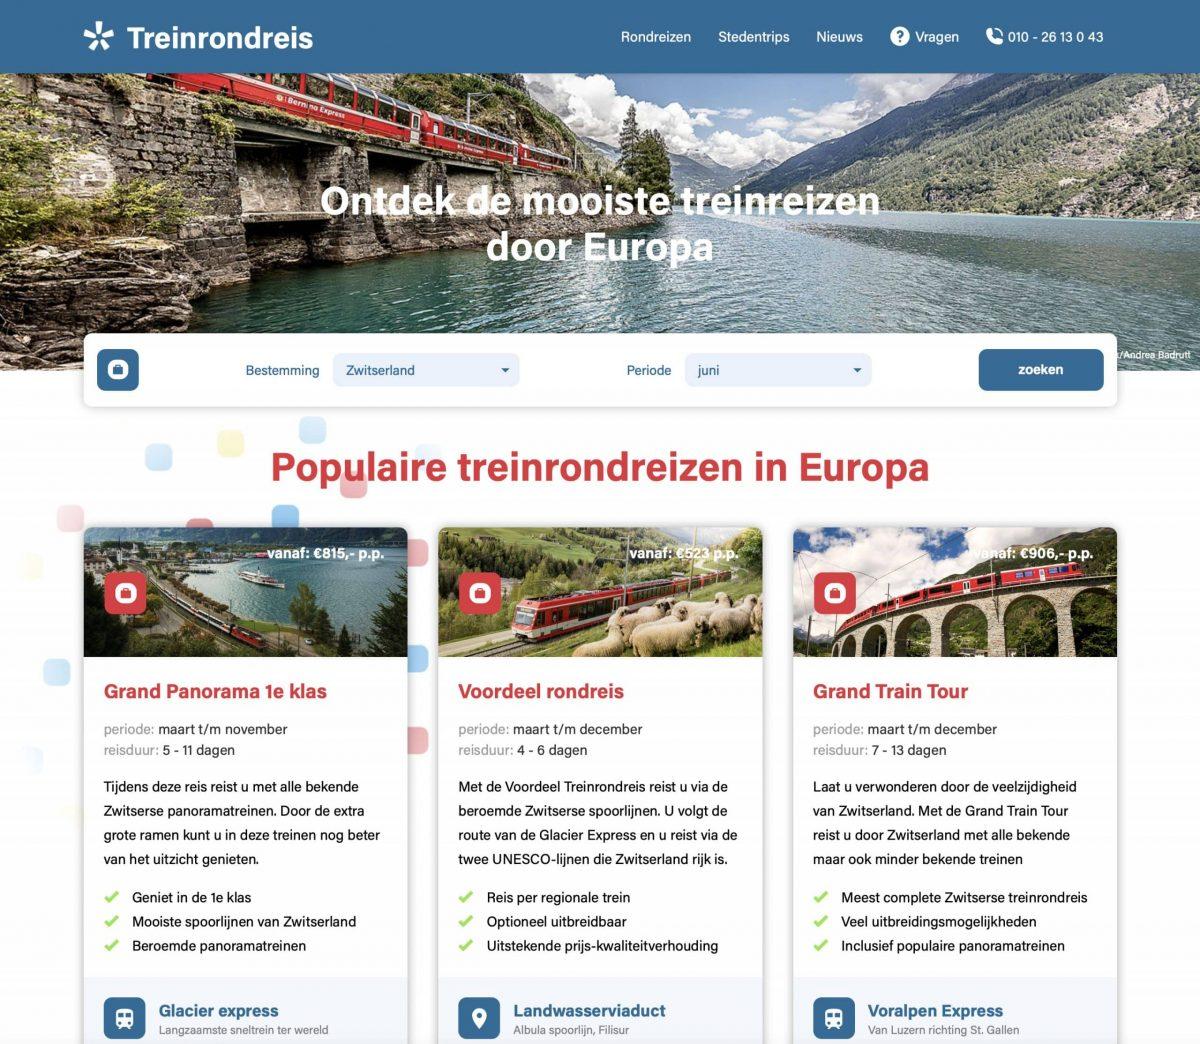 Treinrondreis-nl-stedentrip-treinreizen